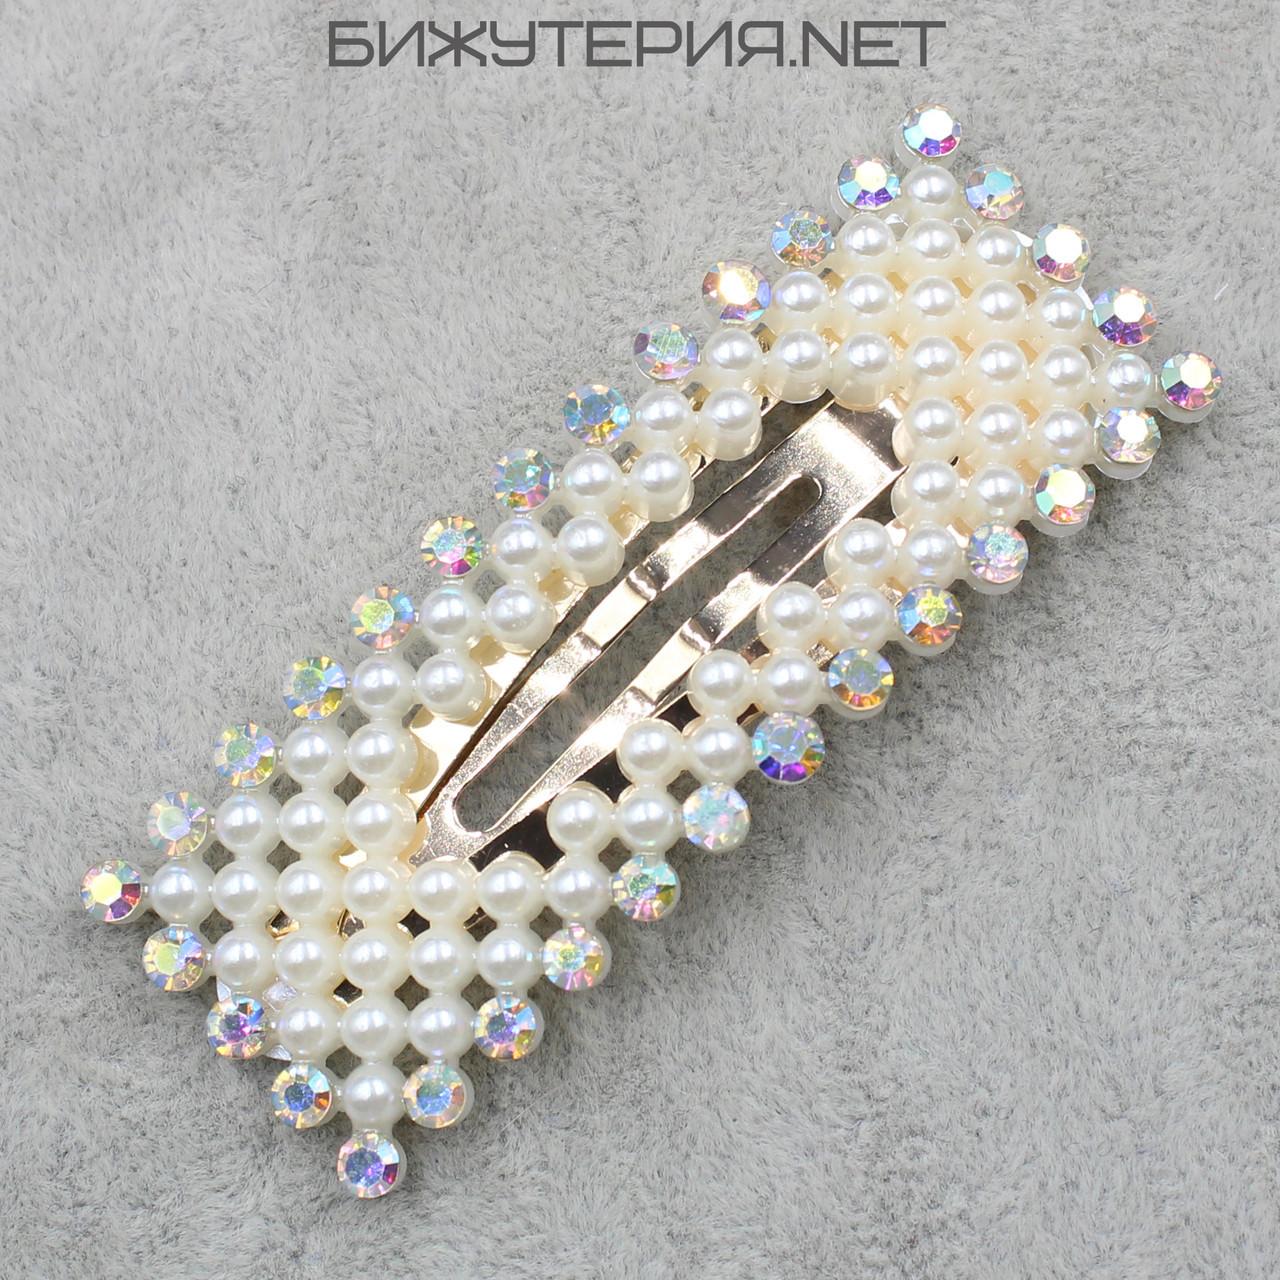 Заколка  JB прямоугольная искусственный жемчуг декорирована стразами для волос крепление тик-так - 1070959309